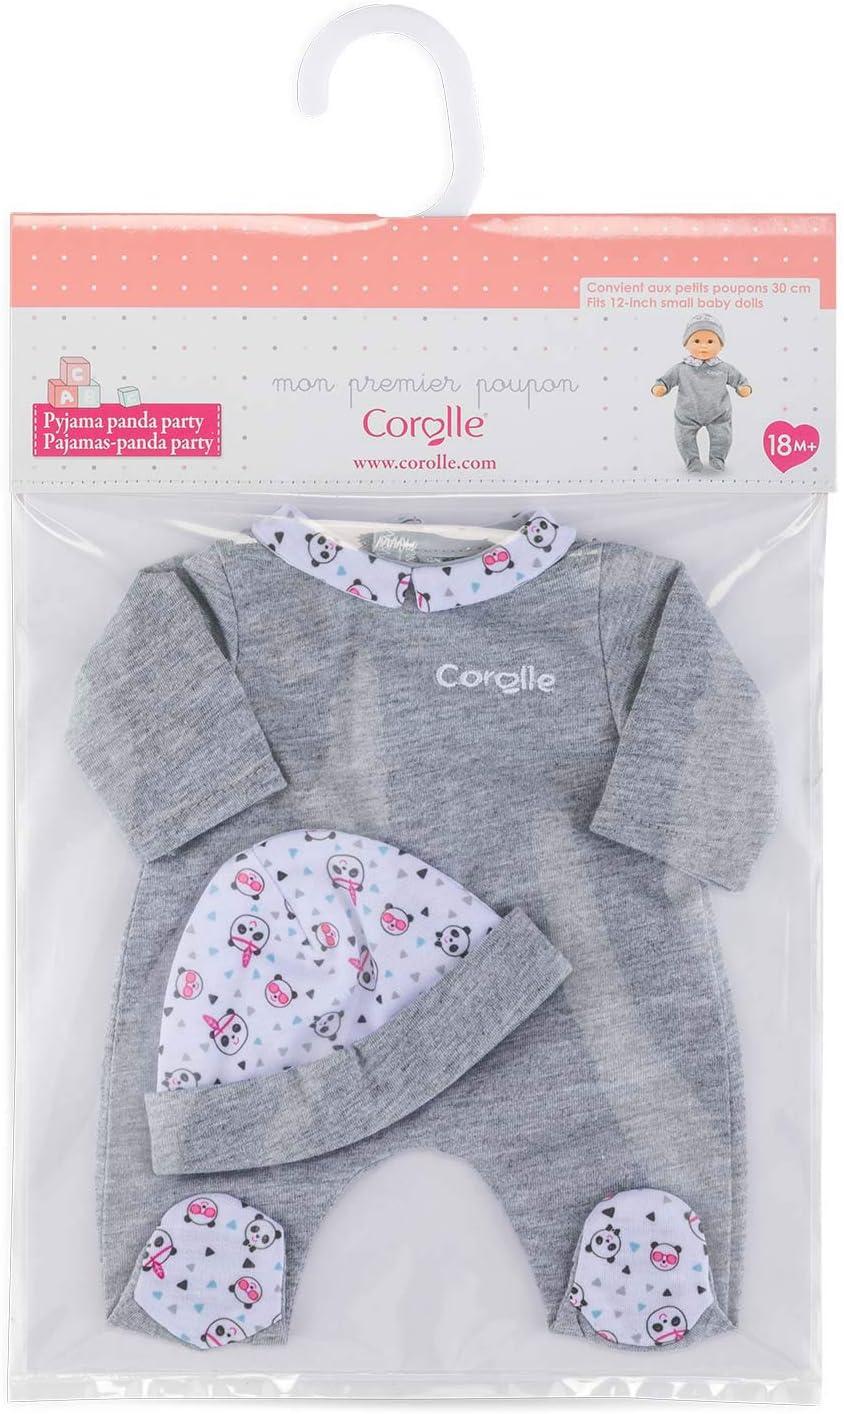 Corolle – Pijama Panda Party para muñeca